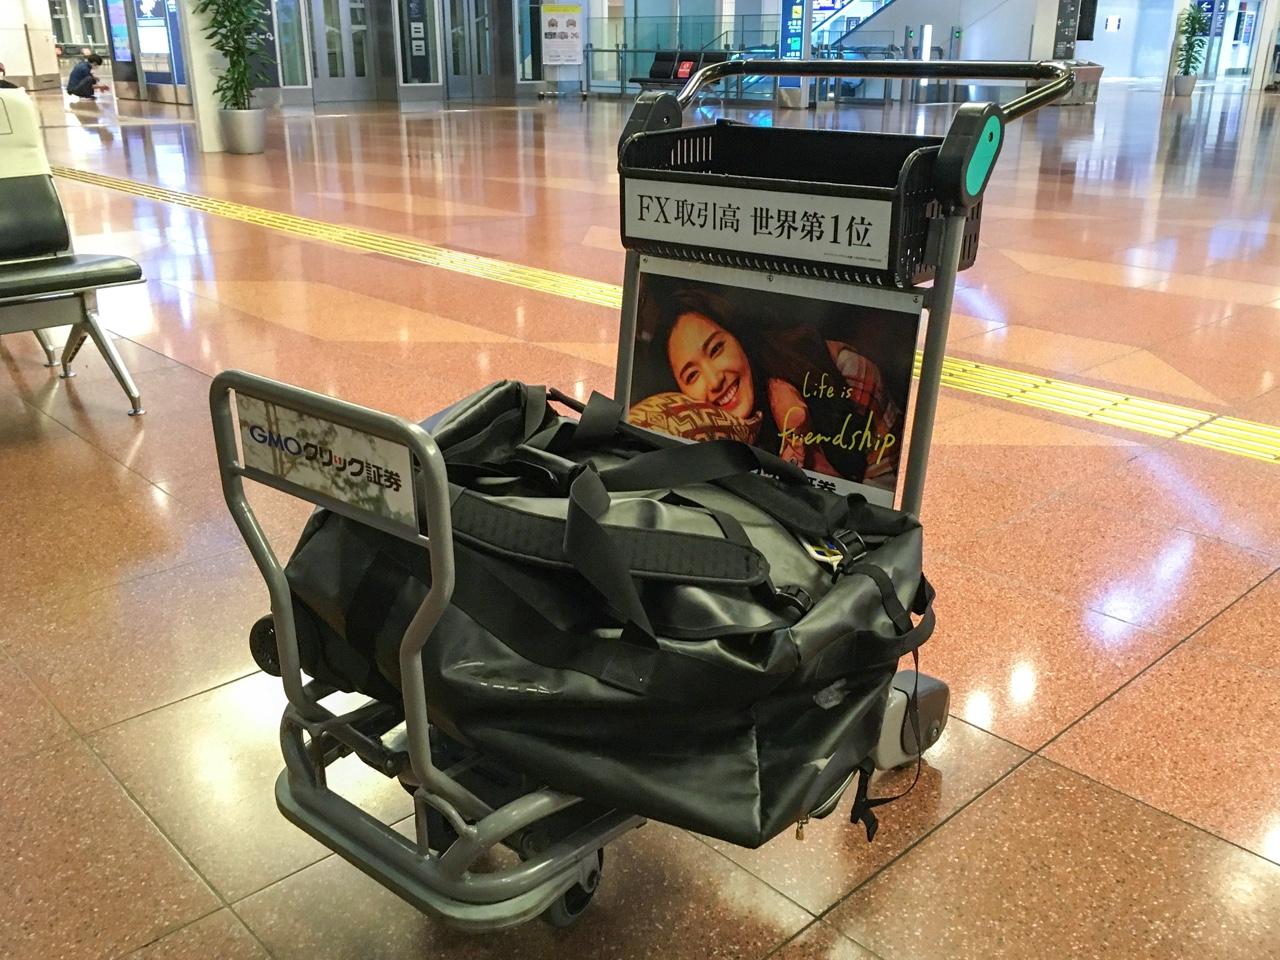 空港のカートに乗った荷物